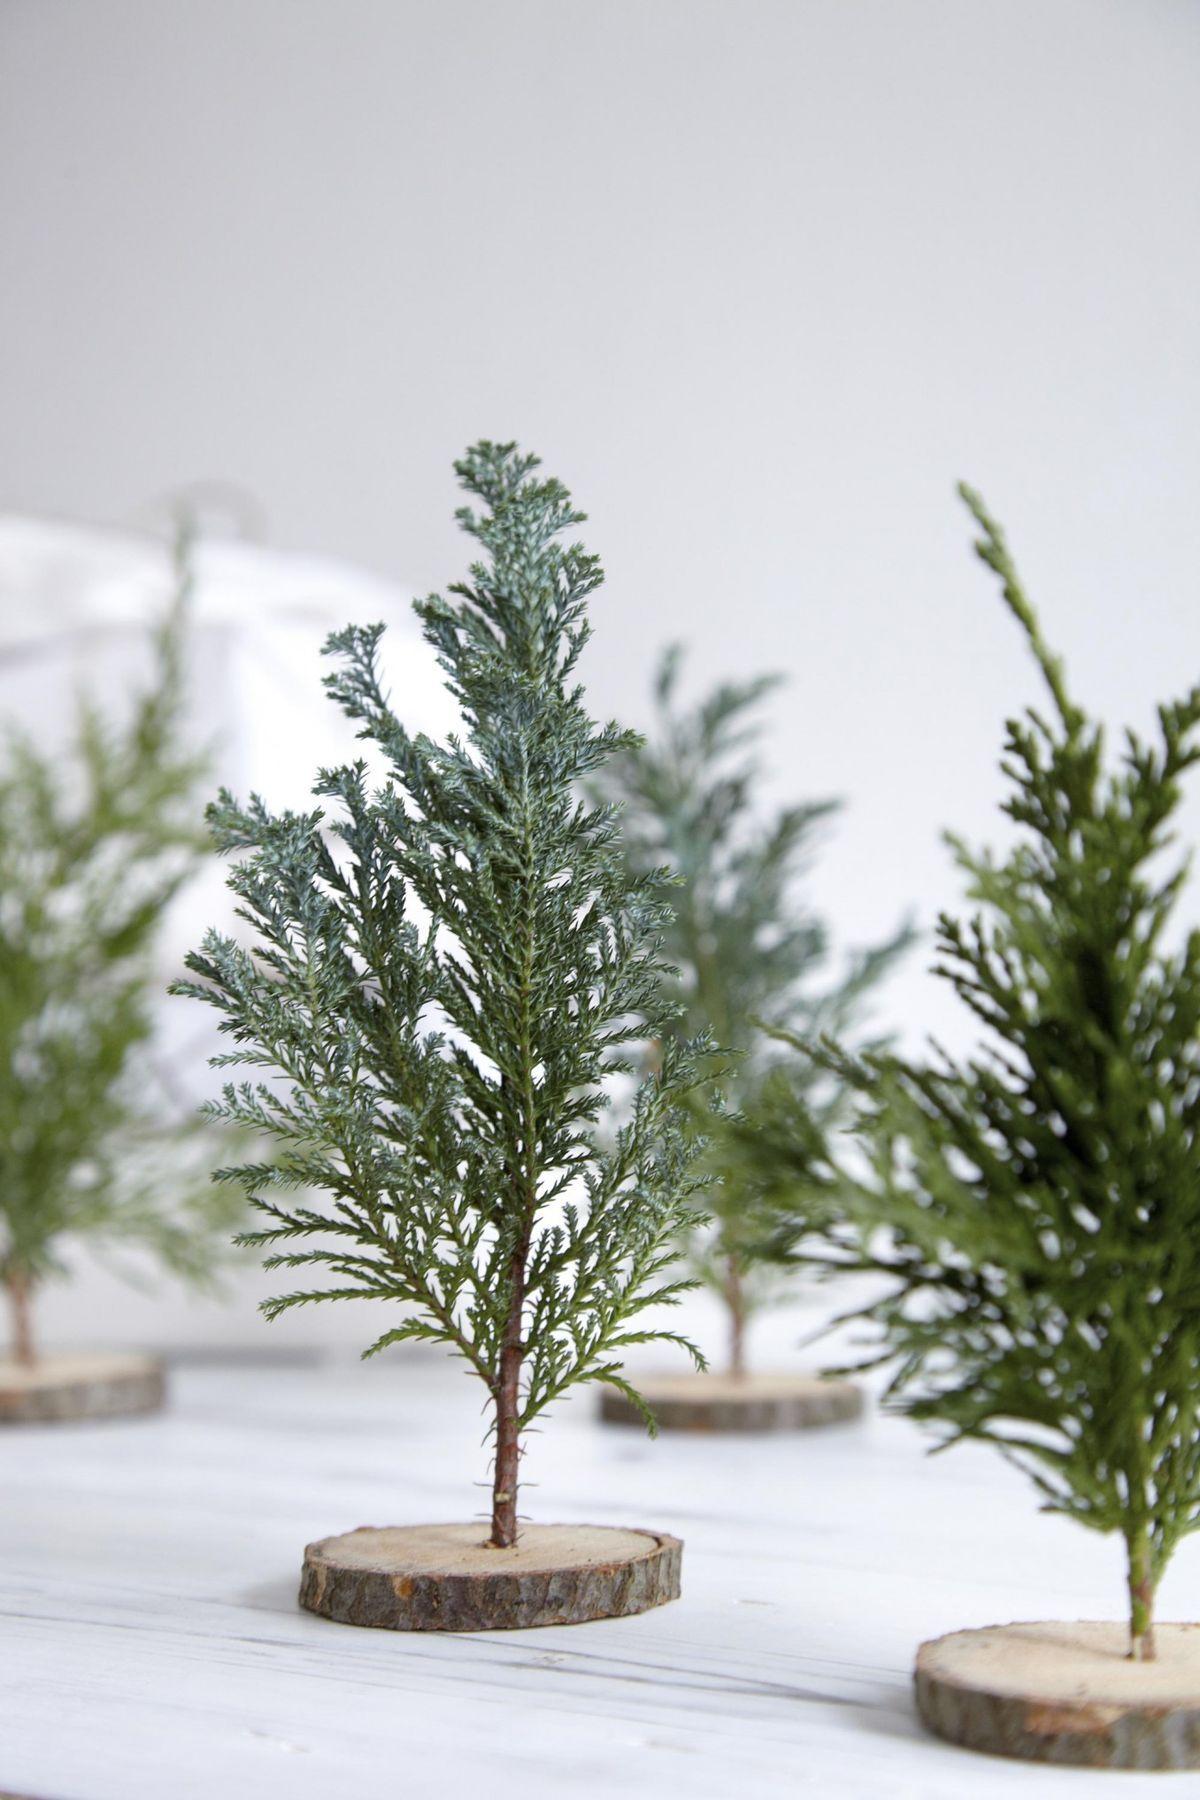 un diy de noel sympa realise avec des tranches de bois et des branches de sapin pour une decoration de table soignee et creative decoration noel